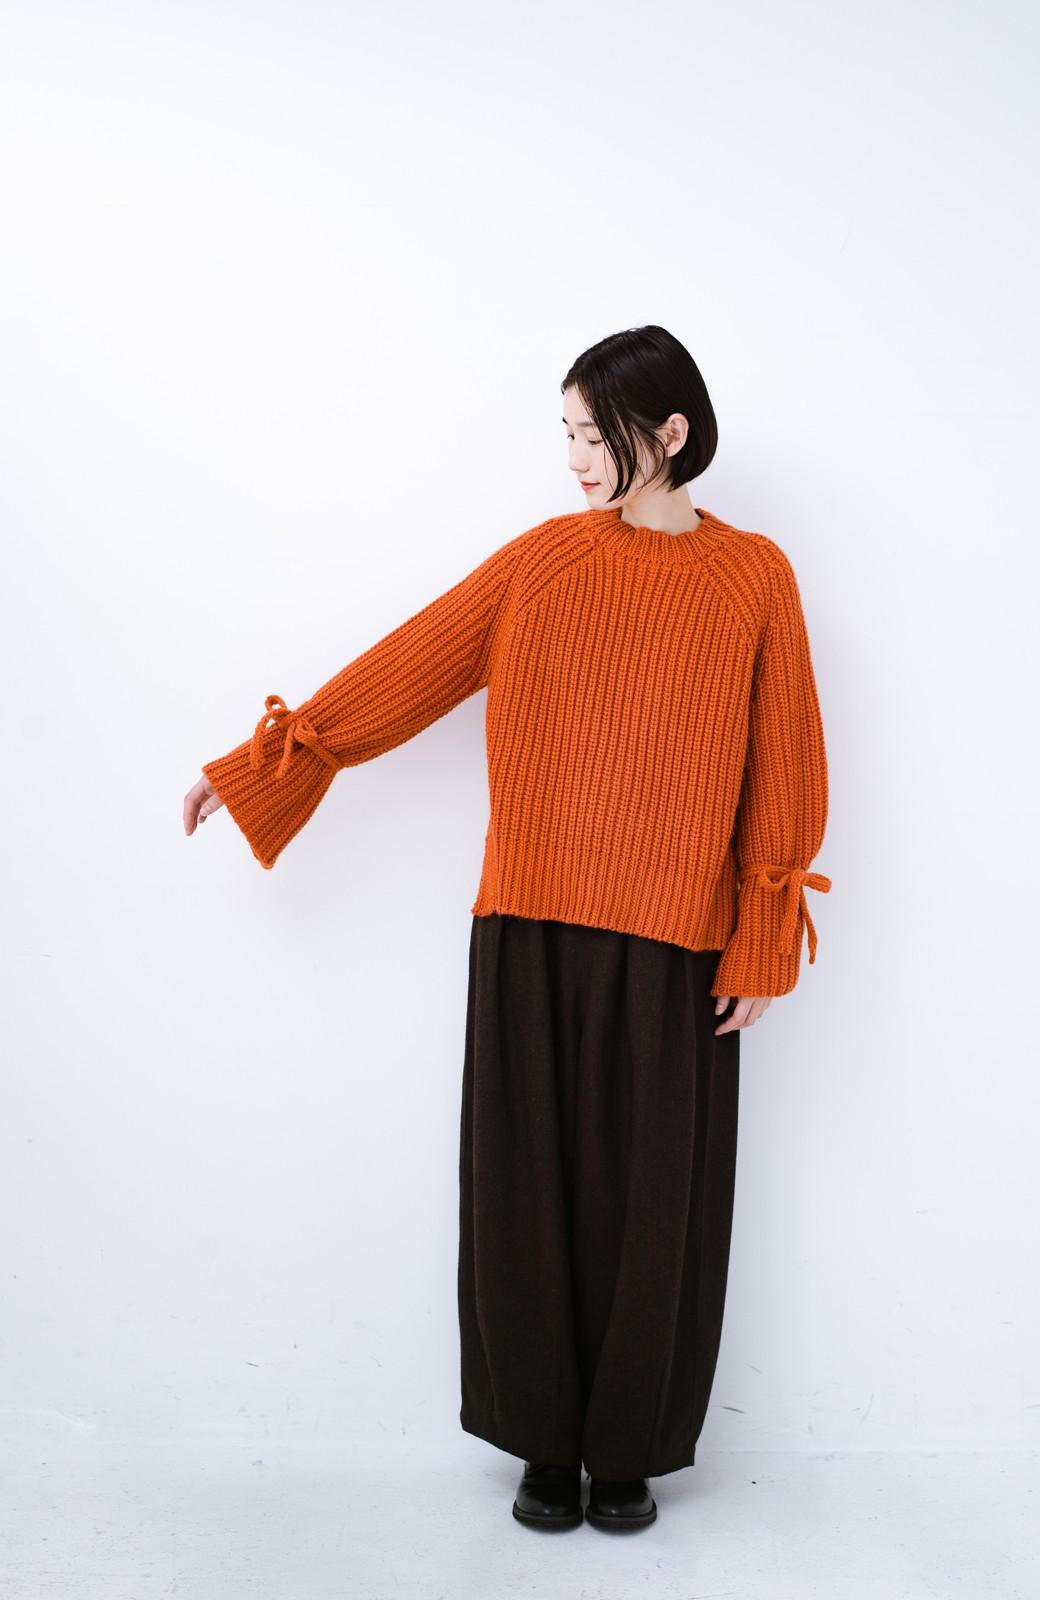 haco! <スザンヌさんコラボ>ラブ&ピースプロジェクト 袖リボンポイントの片畦編みニットトップス <オレンジ>の商品写真18